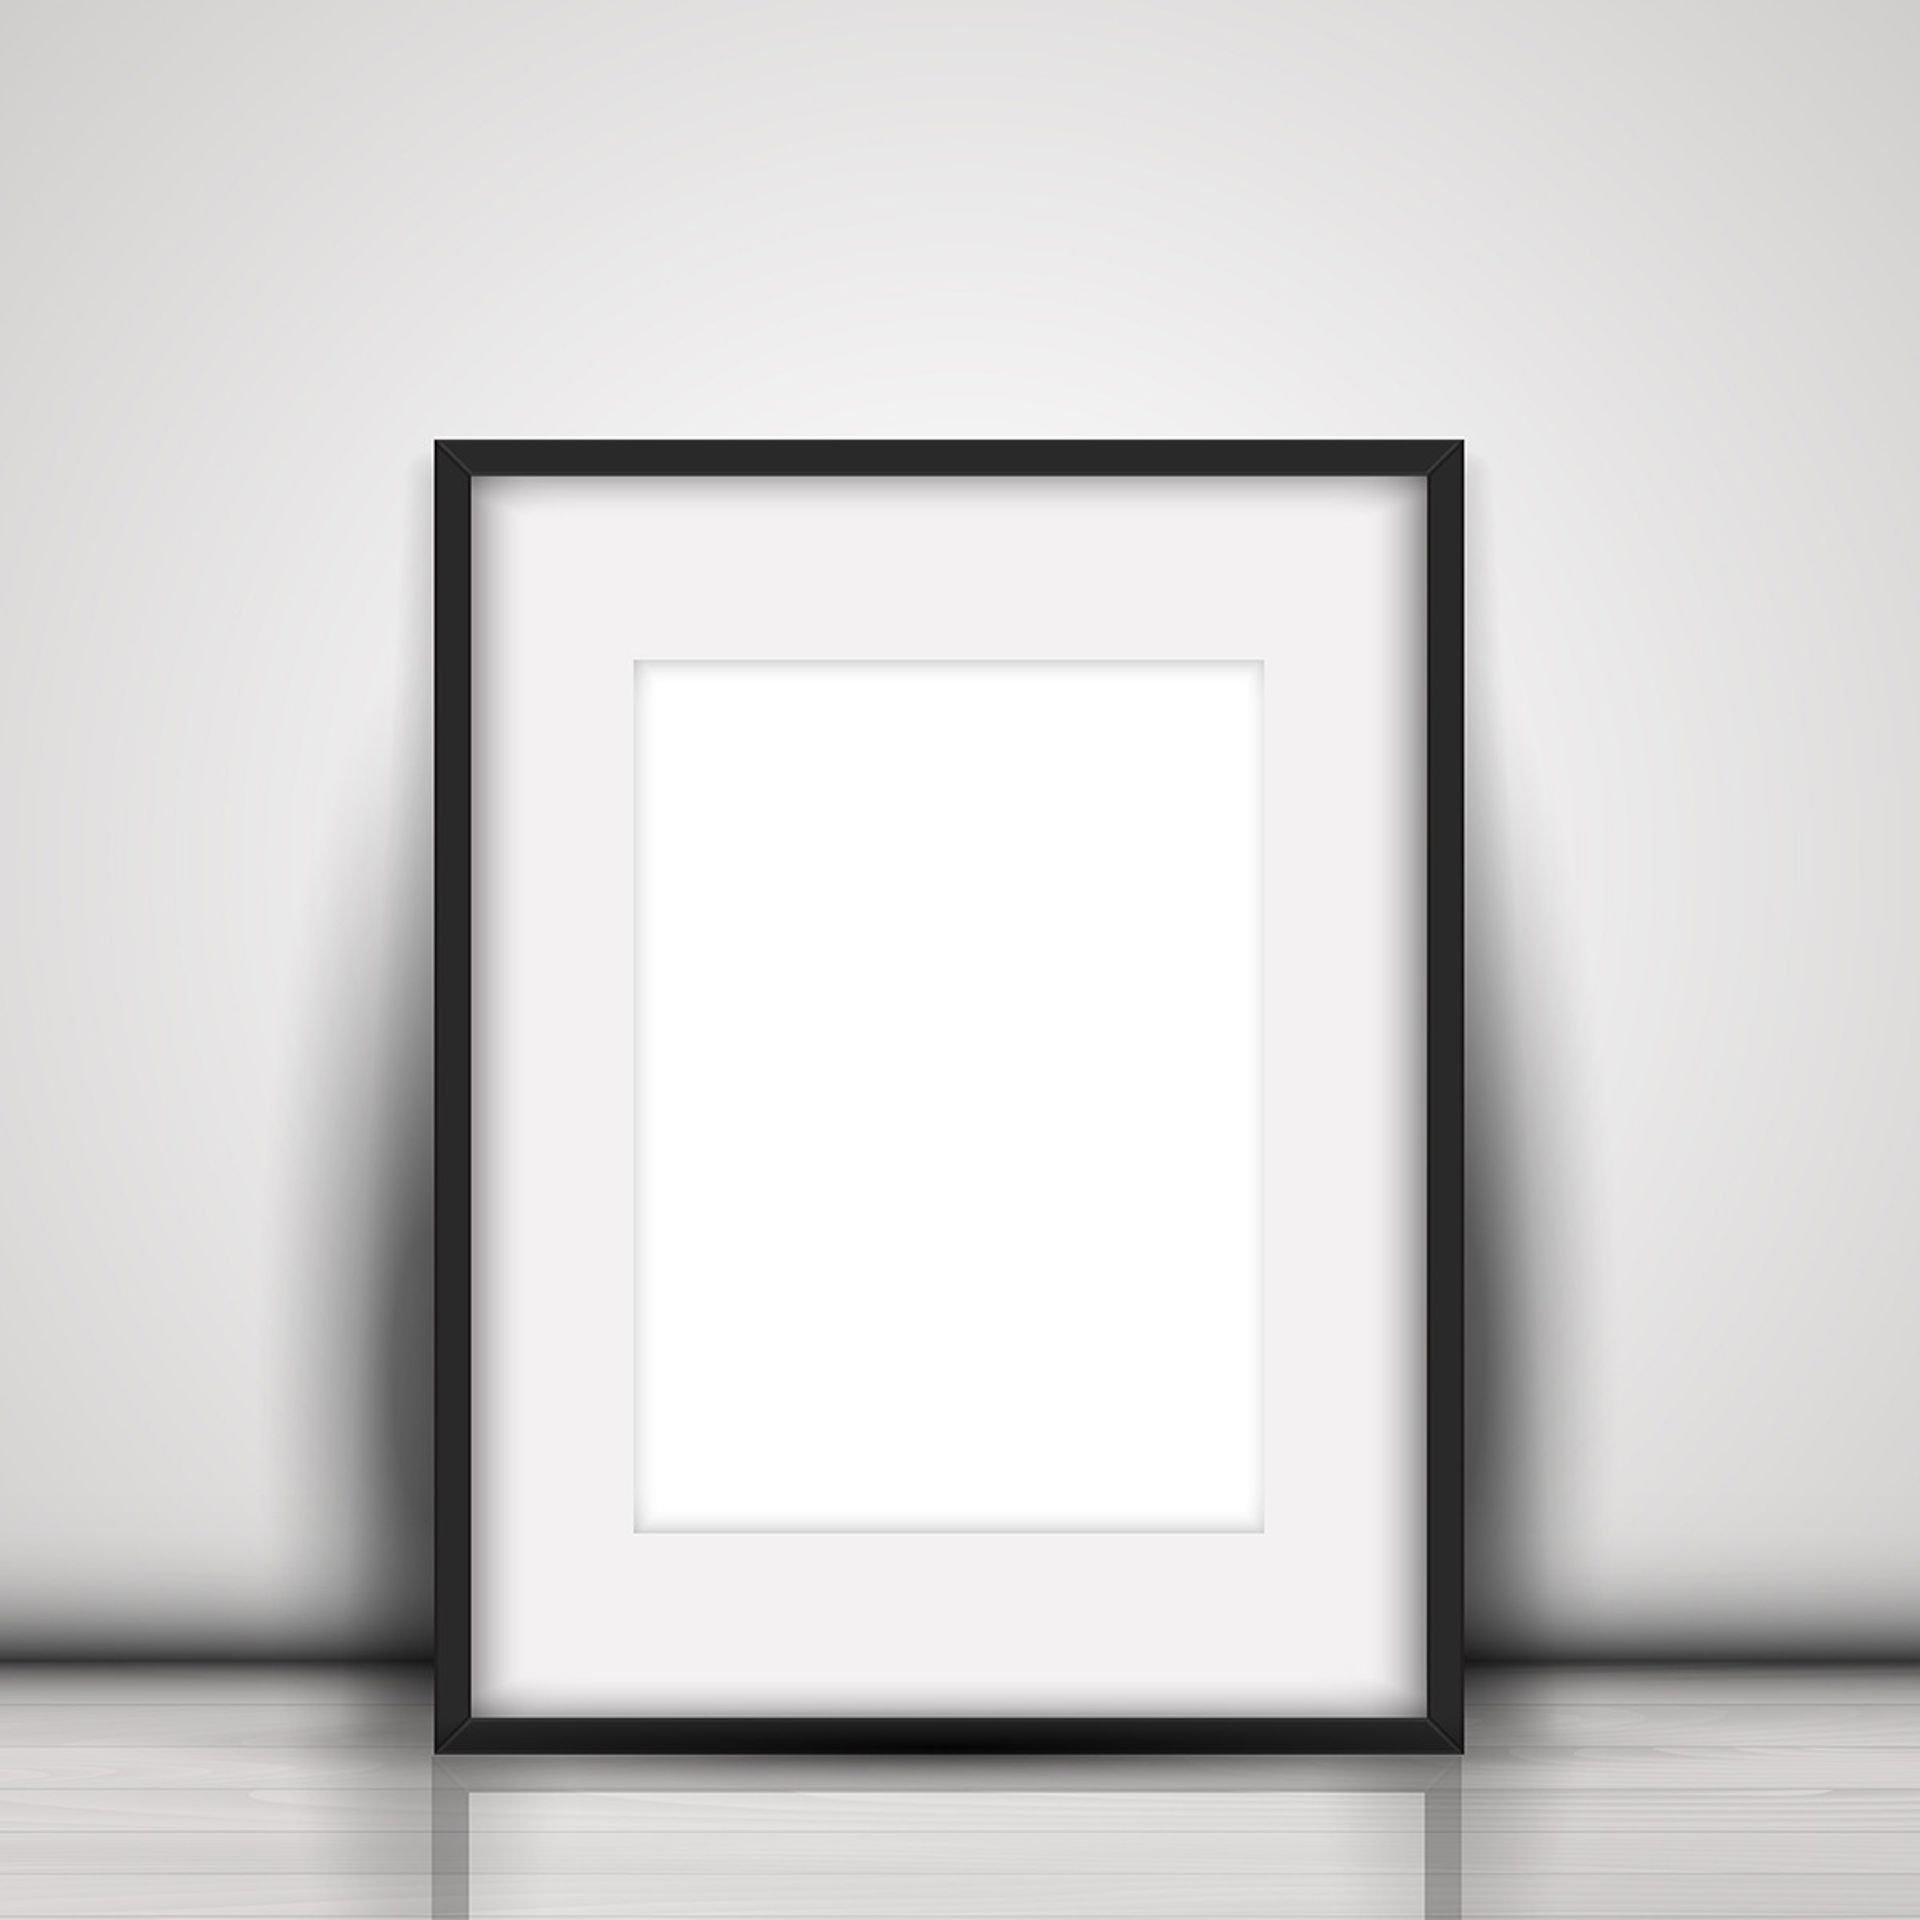 =מסגרת תמונה איכותית דגם FR9097, כולל הדפסת תמונה.